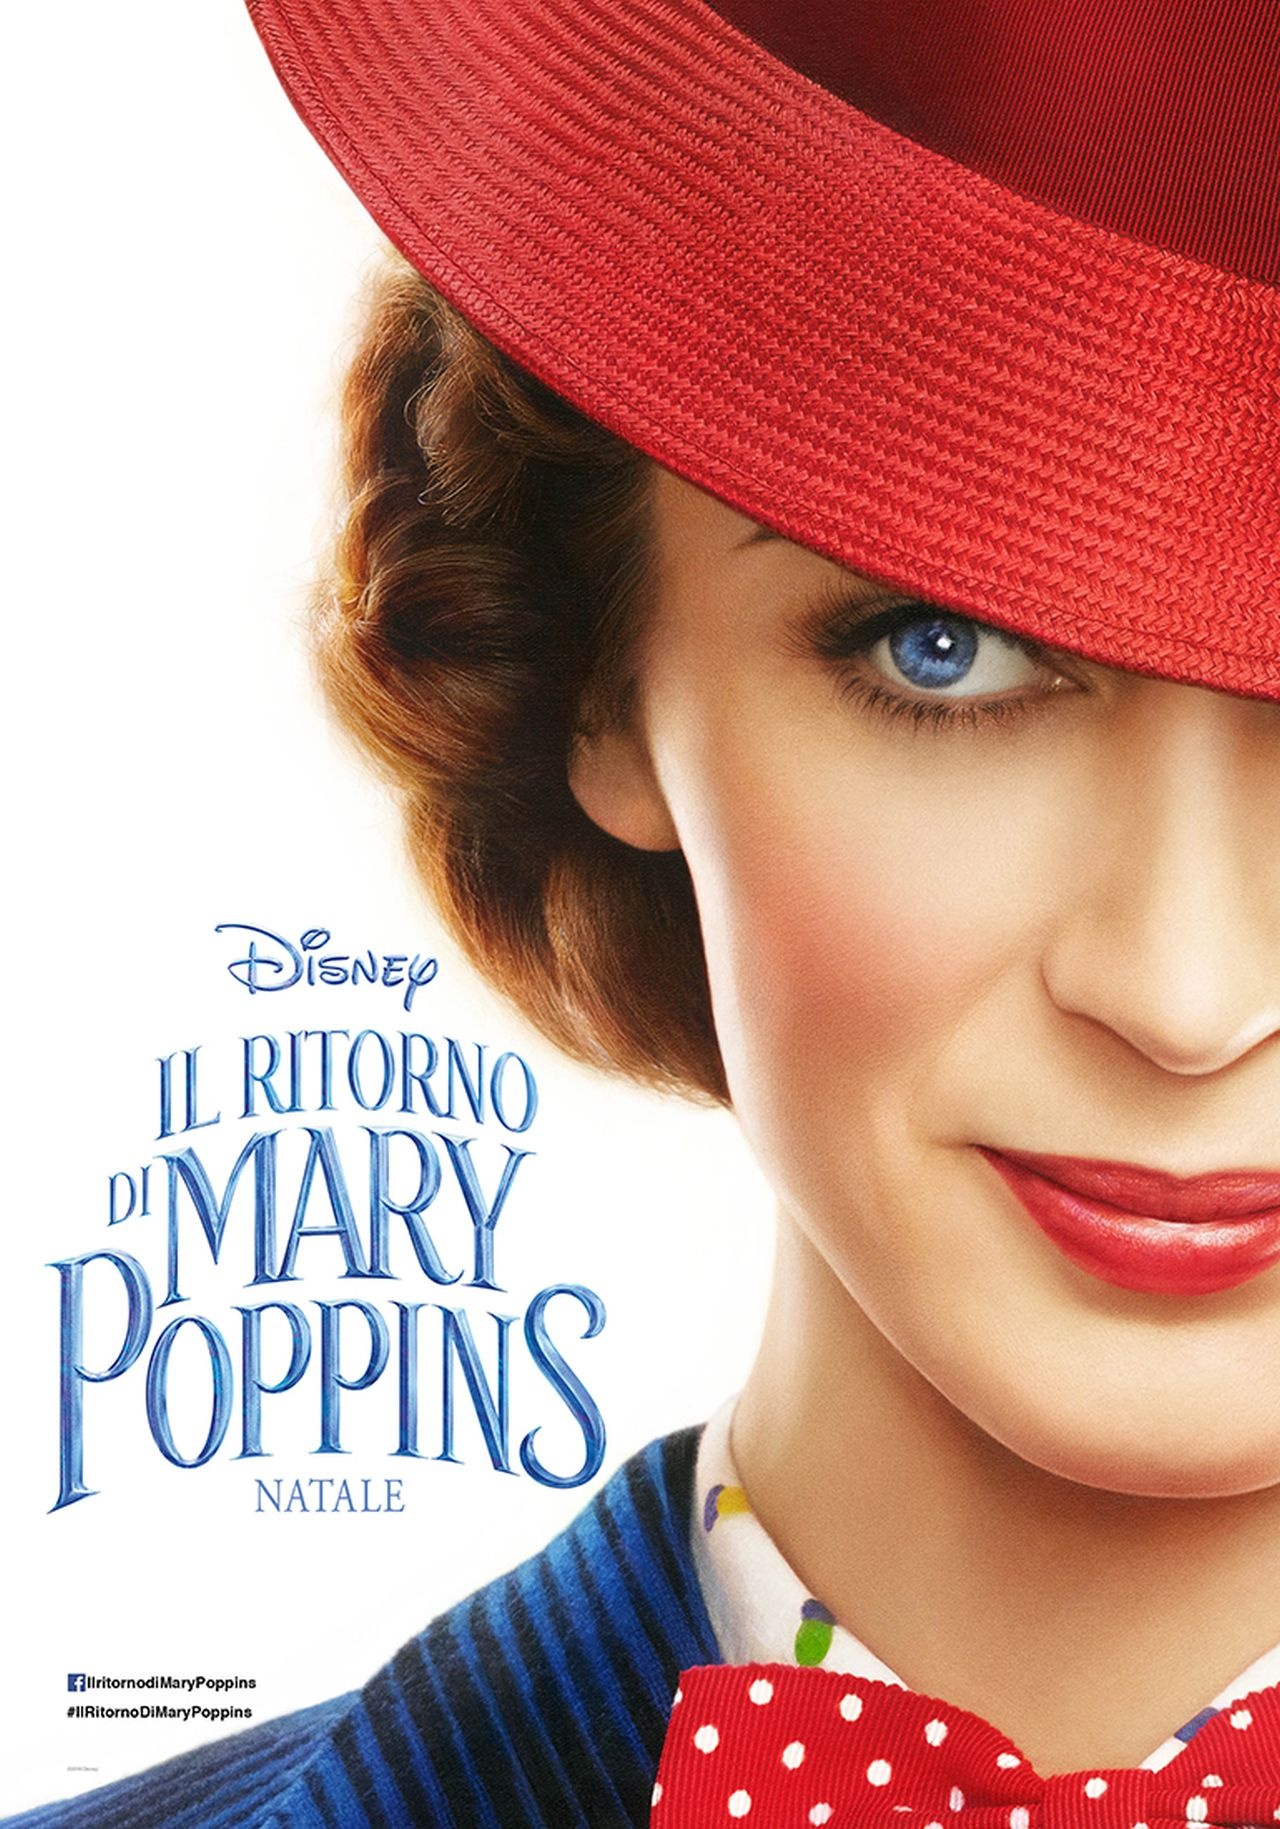 Il Ritorno di Mary Poppins si presenta con un prmo trailer